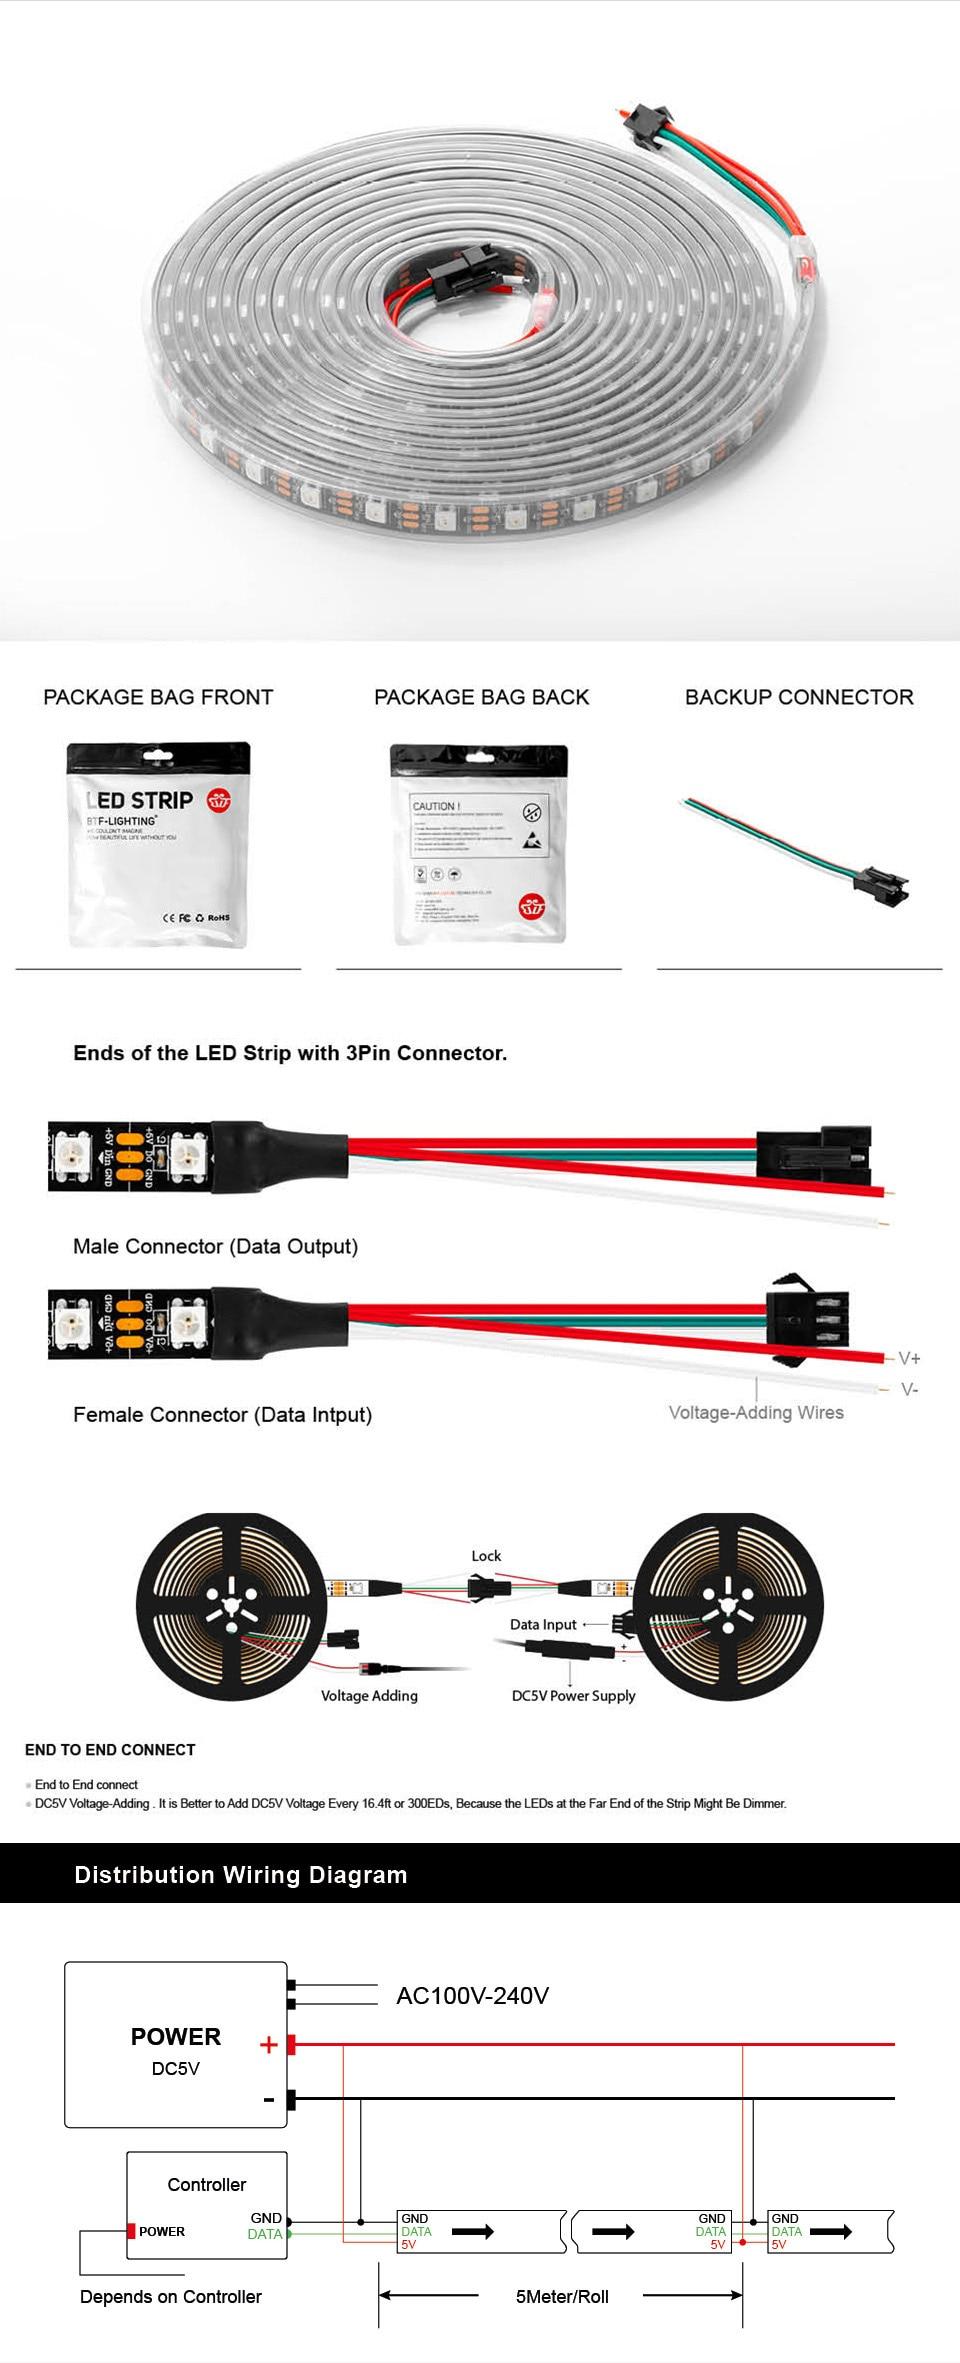 HTB1o QQXvvsK1Rjy0Fiq6zwtXXaV 1m/2m/4m/5m WS2812B Led Strip 30/60/74/96/100/144 pixels/leds/m WS2812 Smart RGB Led Light Strip Black/White PCB IP30/65/67 DC5V